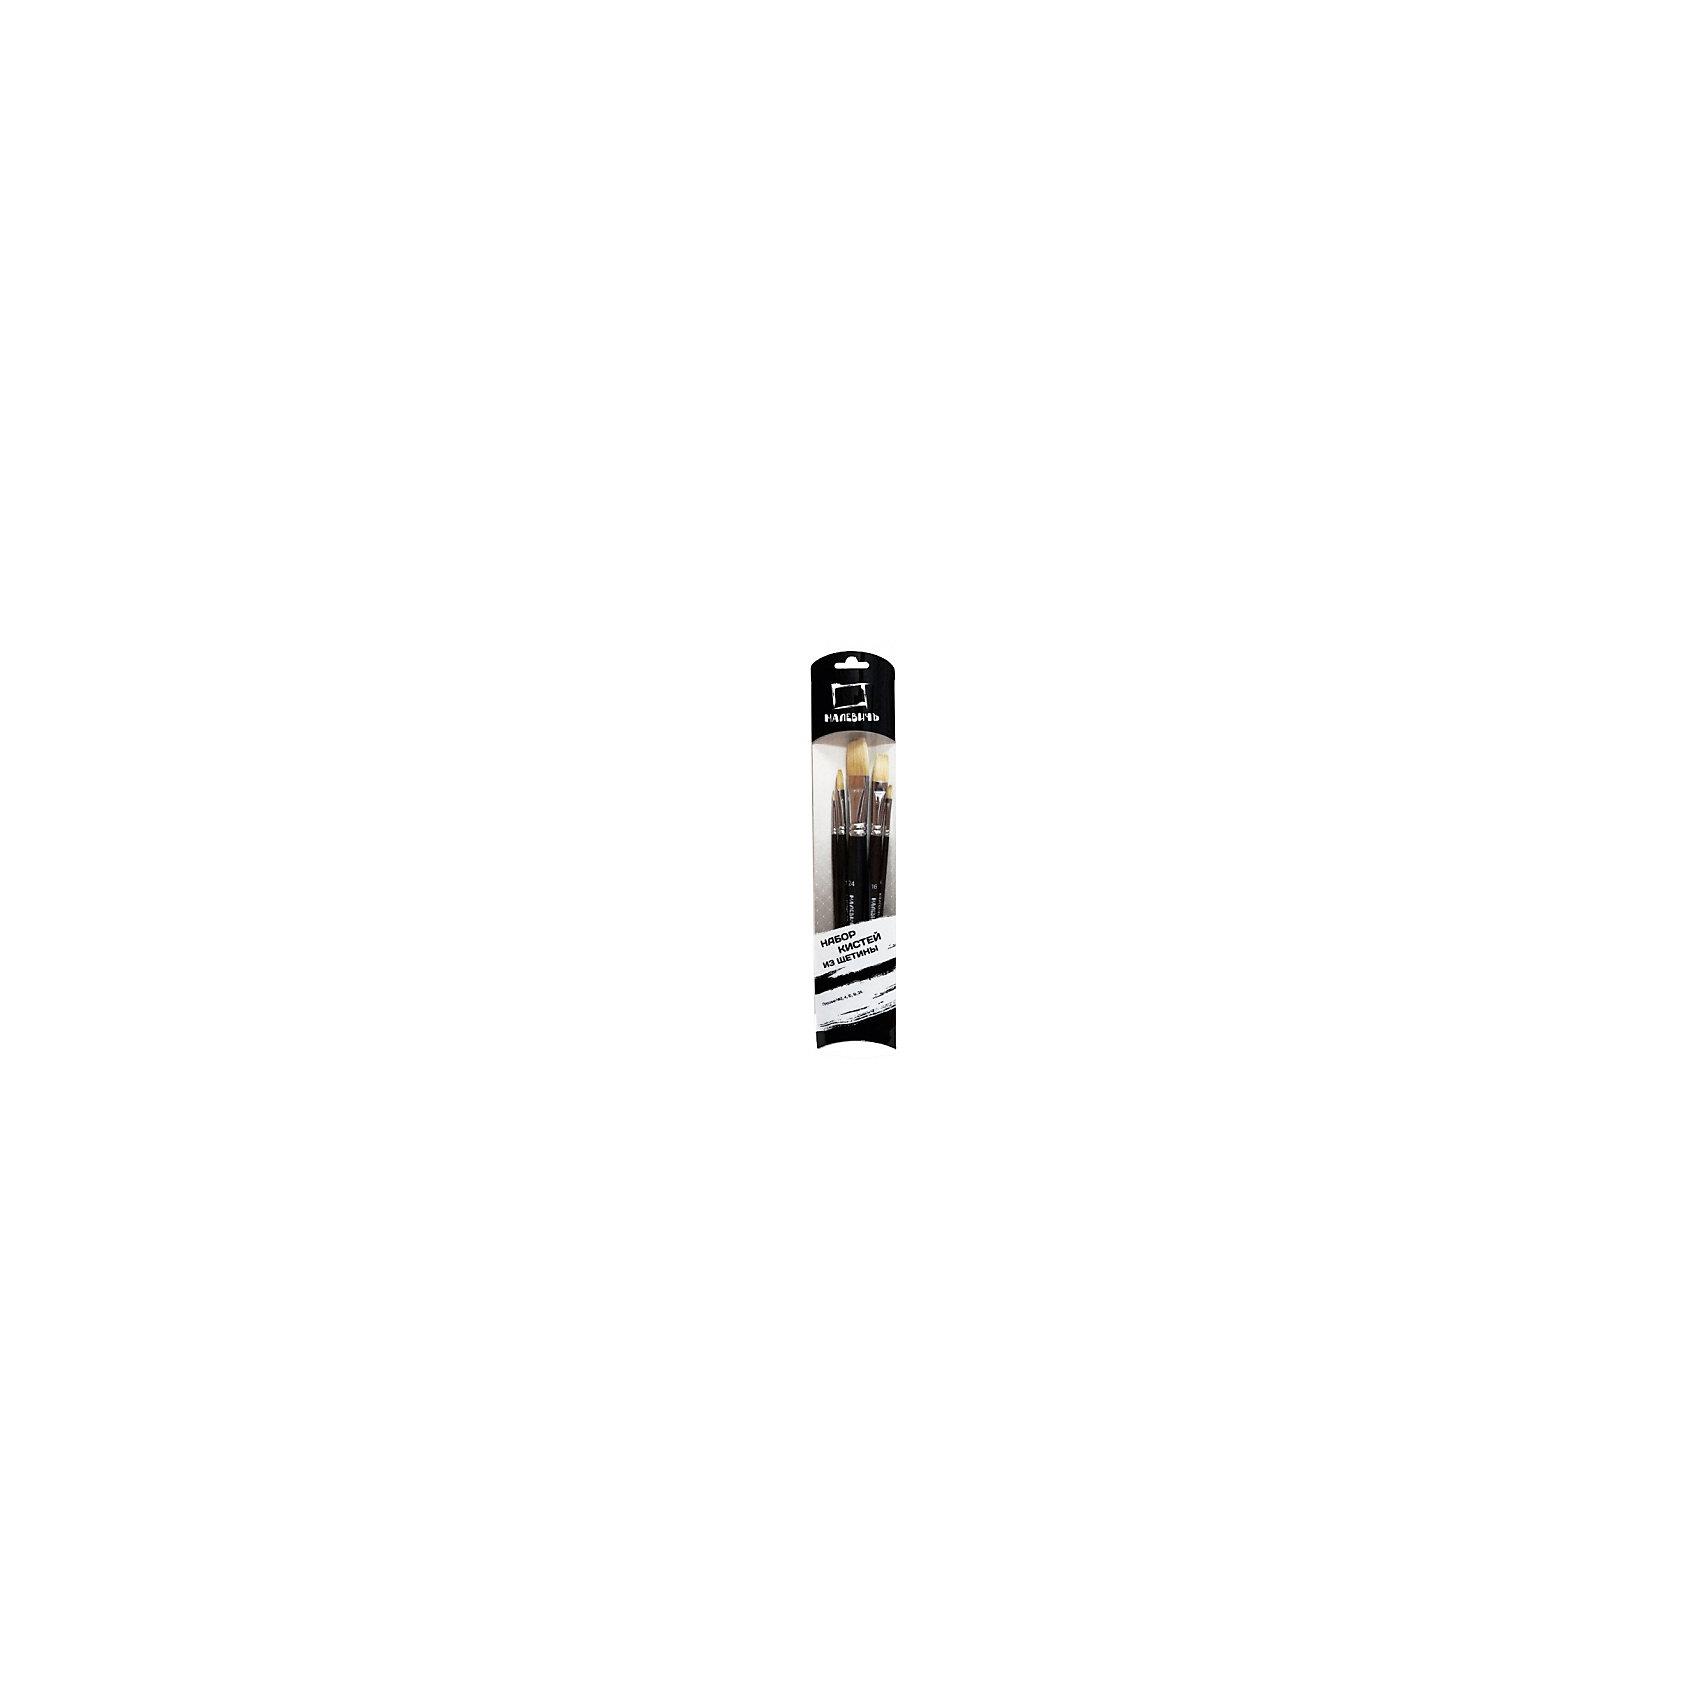 Набор кистей из щетины Малевичъ (5 кистей)Кисти художественные<br>Комплект  из пяти кистей Малевичъ из отбеленной свиной щетины высшего качества. Цельнотянутая латунная обойма с двойным обжимом и антикоррозийным никель-хромовым покрытием крепко держит пучок  натурального износостойкого ворса. Обойма кисти плотно наполнена, ворс хорошо удерживает краску и не выпадает со временем. Эргономичная березовая ручка покрыта лаком глубокого черного цвета. Как правило, кисти из этого материала используются для масляной живописи, но многие художники пишут ими также акрилом, гуашью и темперой.<br><br>В набор плоских кистей из щетины Малевичъ для классической живописи входят: супер-широкая кисть №24, хорошо приспособленная для грунтовки холста и работы с большими участками полотна; широкие кисти № 16 и 10, подходящие как для заливки фона, так и для создания четких широких мазков; универсальная плоская кисть №4 и тонкая кисть №2 для прорисовки контуров и работы с мельчайшими деталями картины.<br><br>Кисти из натуральной щетины Малевичъ для классической живописи:<br><br>• дают мягкие мазки и плавные переходы цвета<br>• имеют традиционную для художественных кистей форму<br>• оснащены эргономичной лакированной ручкой универсальной длины 18 см<br>• отличаются надежным креплением втулки и отбеленной свиной щетиной высшего качества<br><br>Ширина мм: 350<br>Глубина мм: 80<br>Высота мм: 3<br>Вес г: 92<br>Возраст от месяцев: 84<br>Возраст до месяцев: 2147483647<br>Пол: Унисекс<br>Возраст: Детский<br>SKU: 6757444